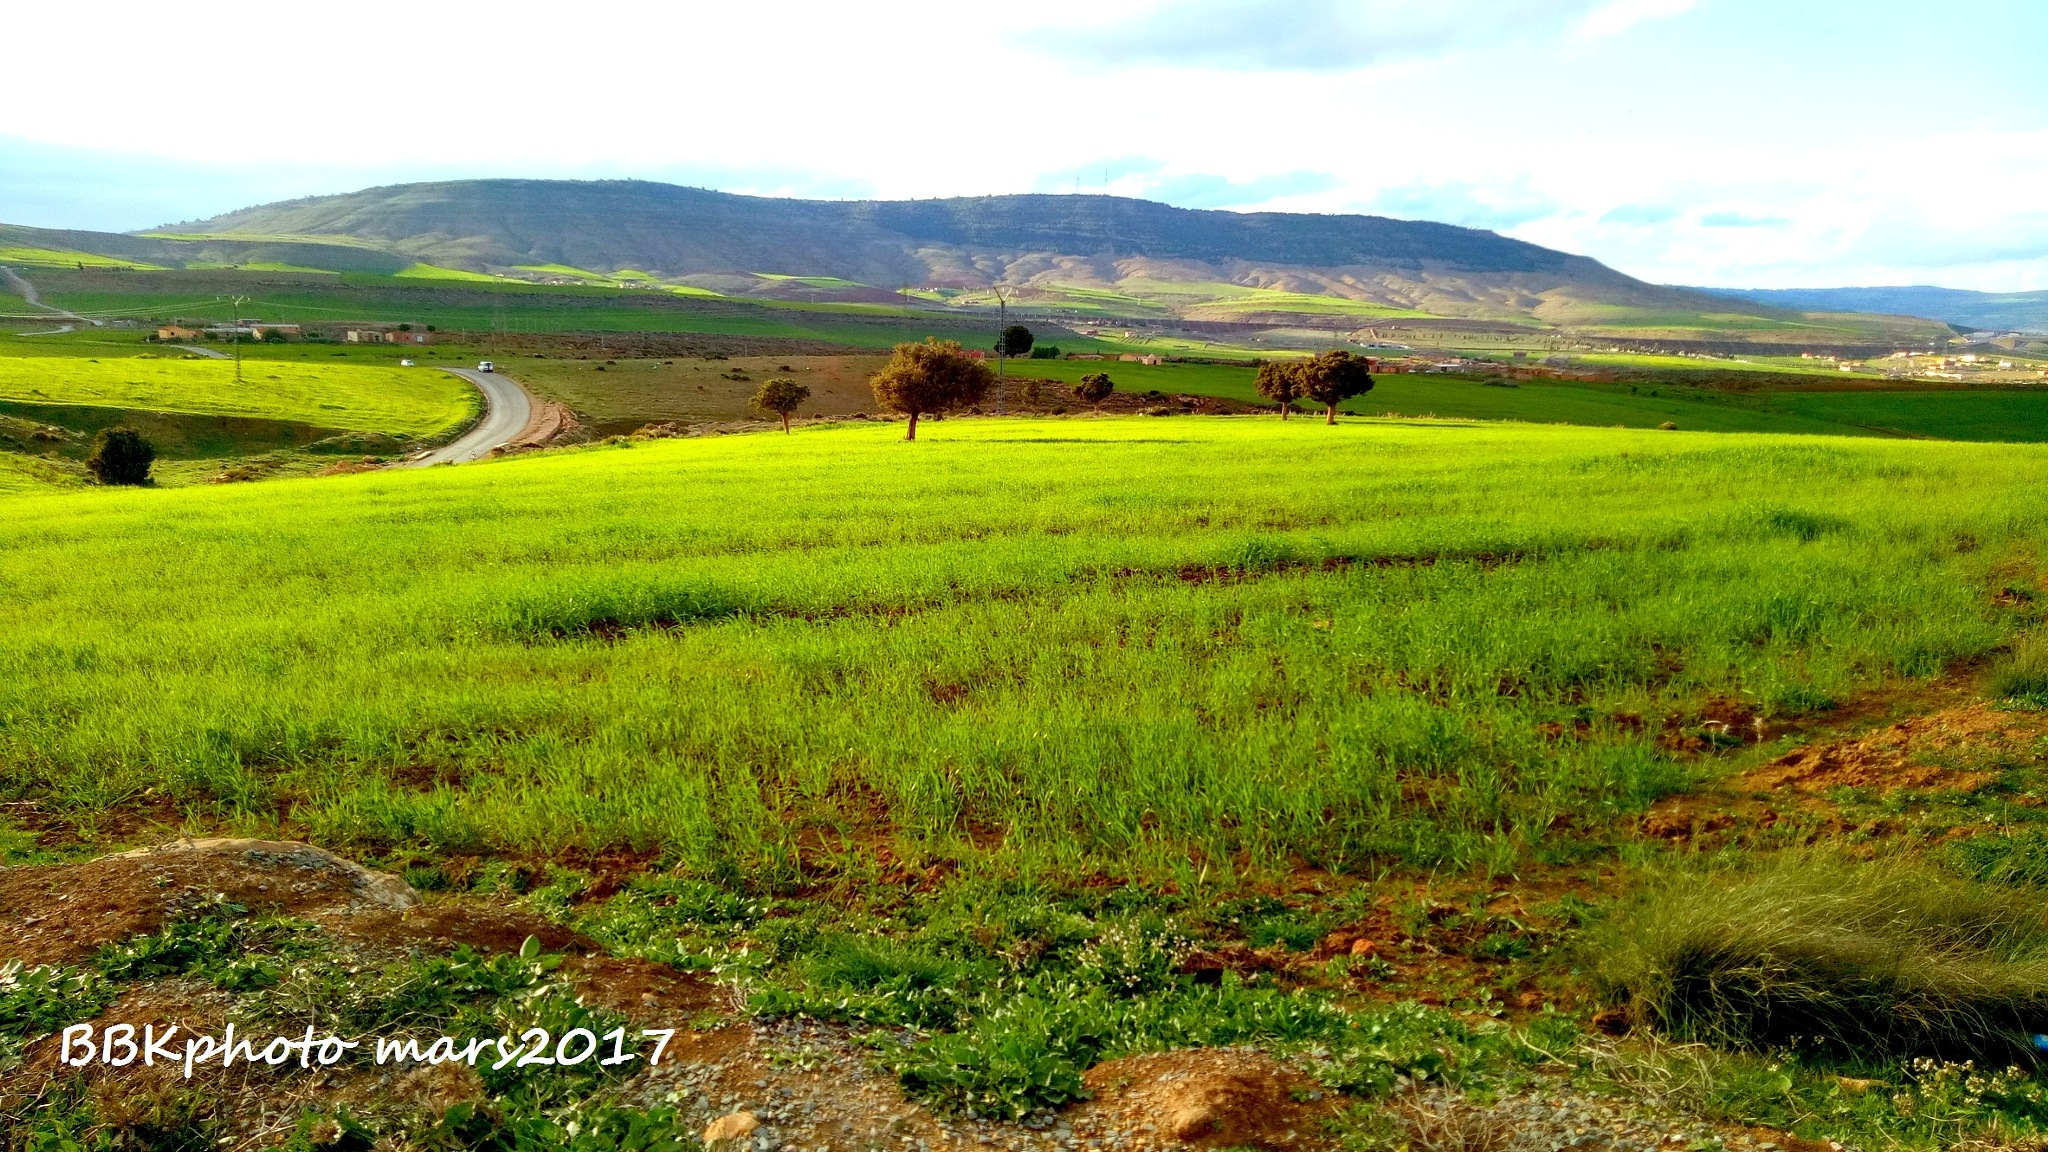 nature a saida dz by Boubakar Hammadi